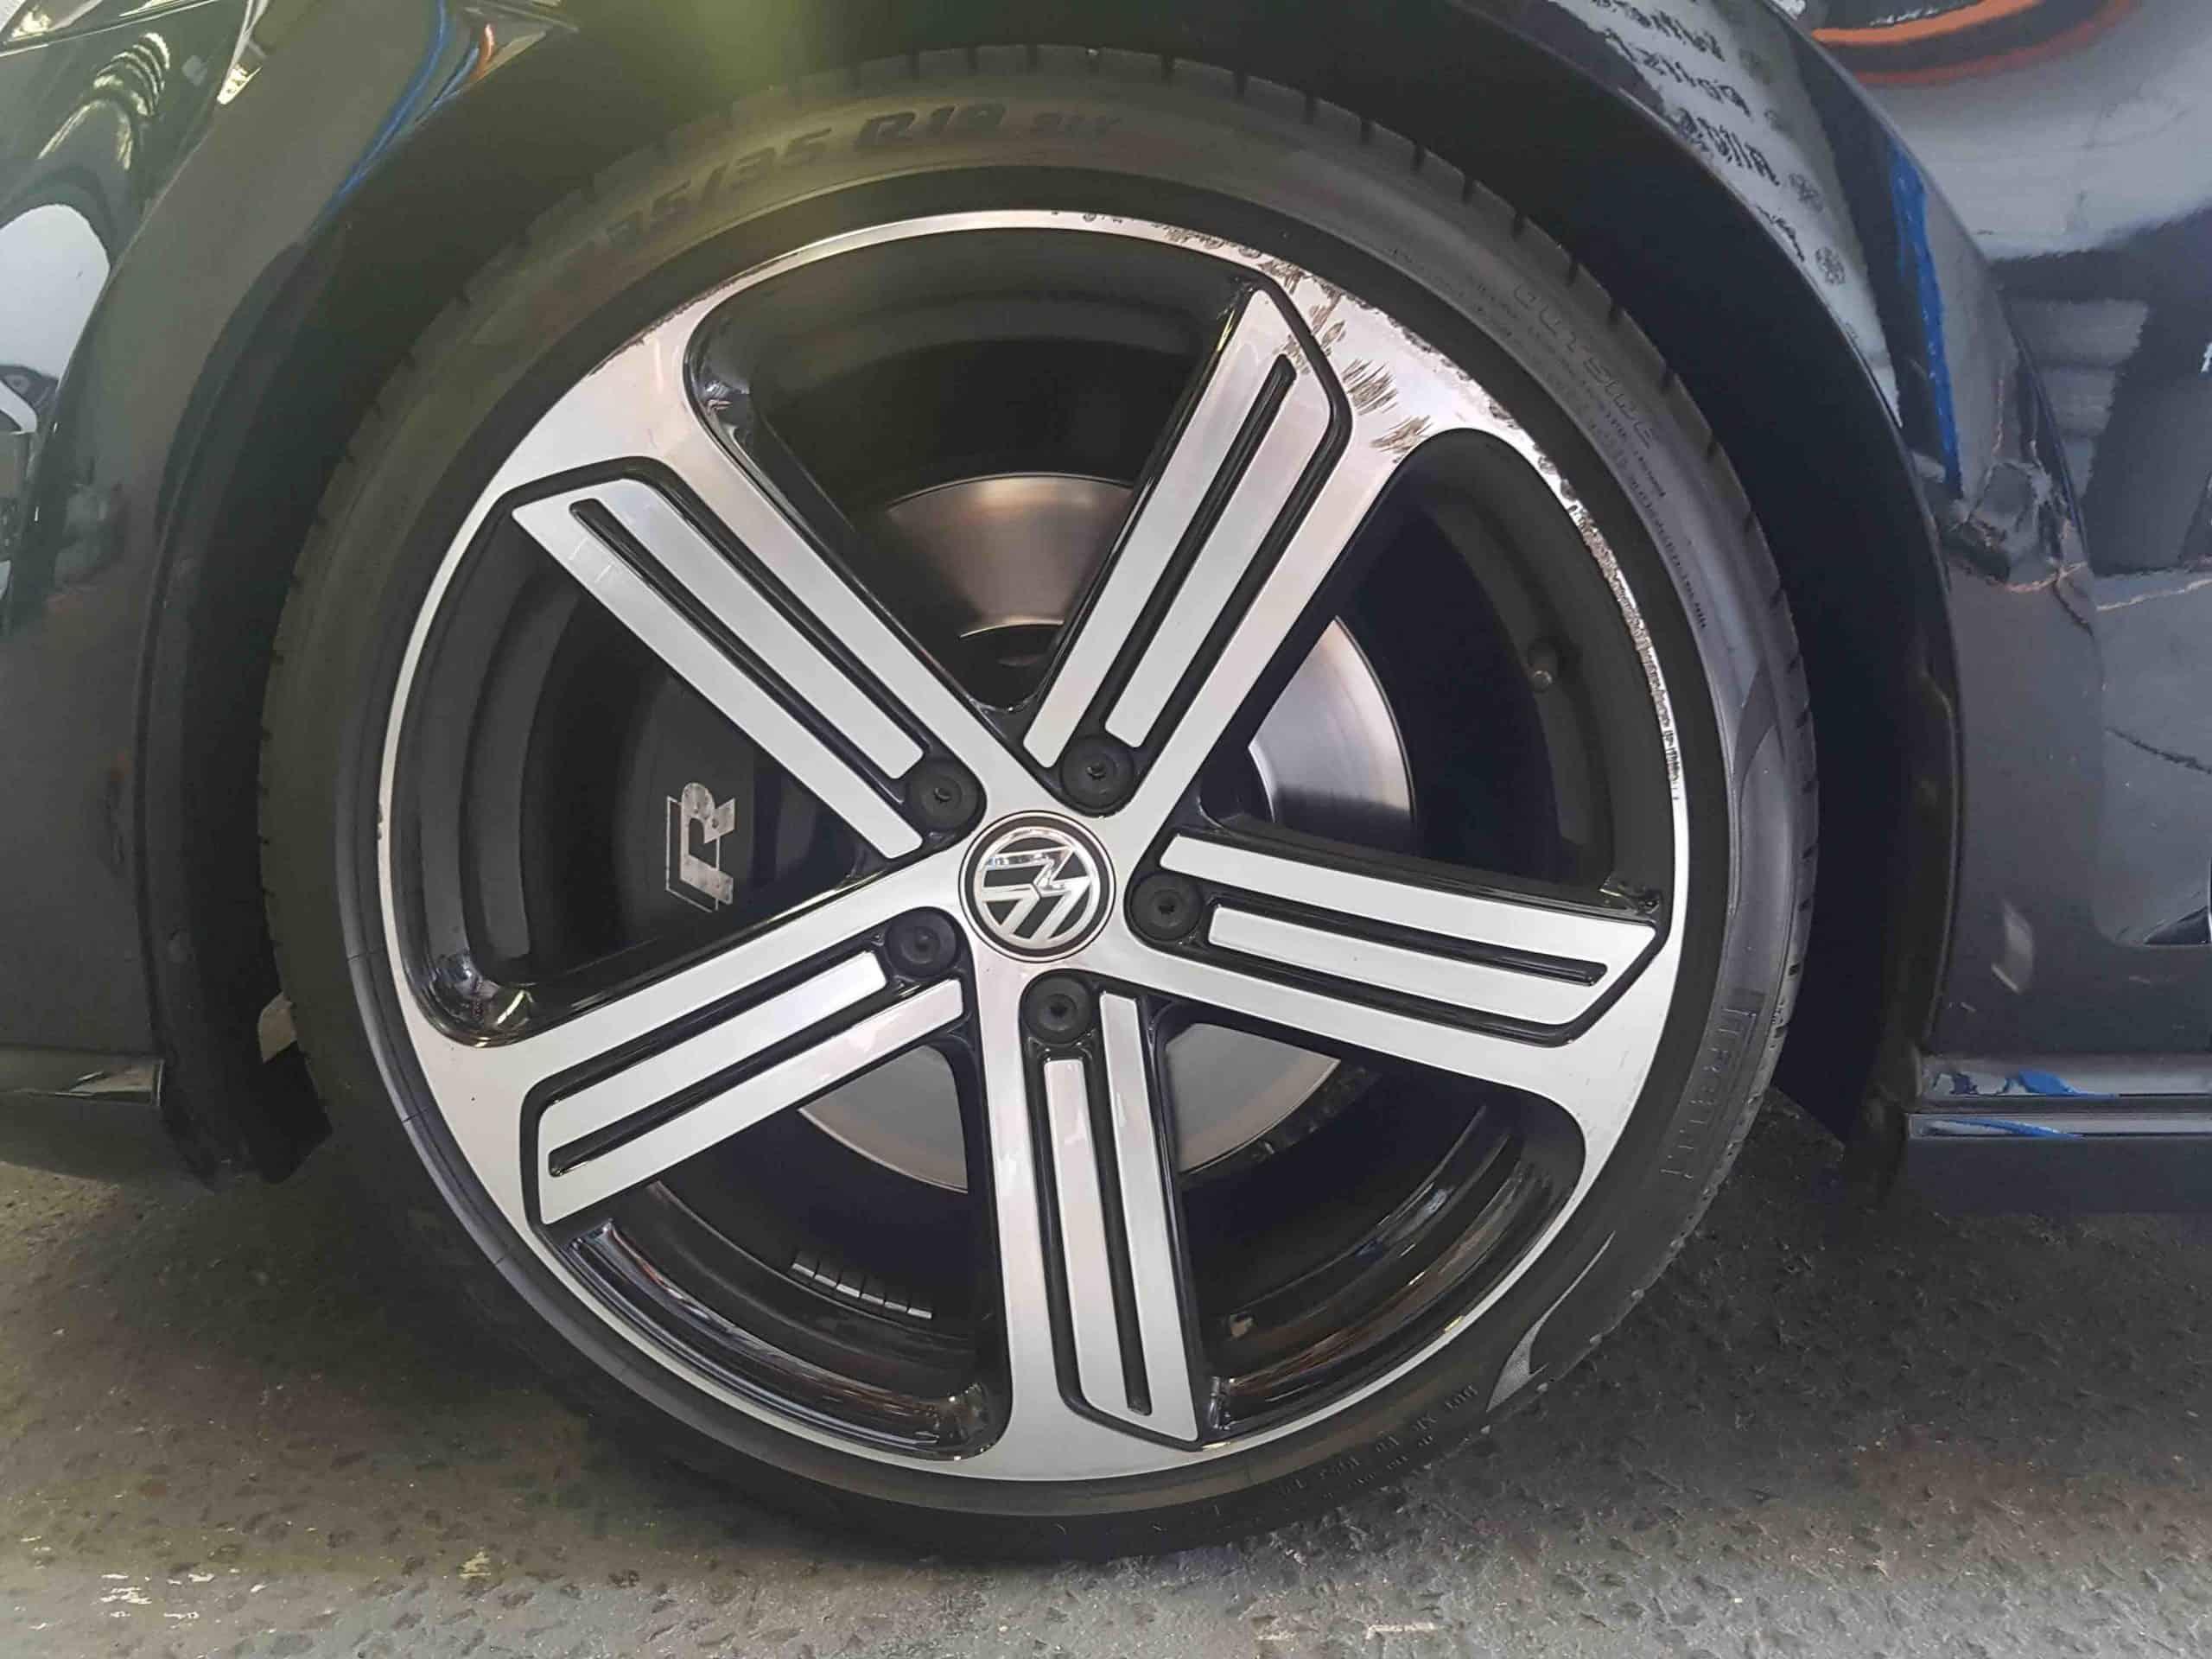 VW Golf GTI wheel repair before